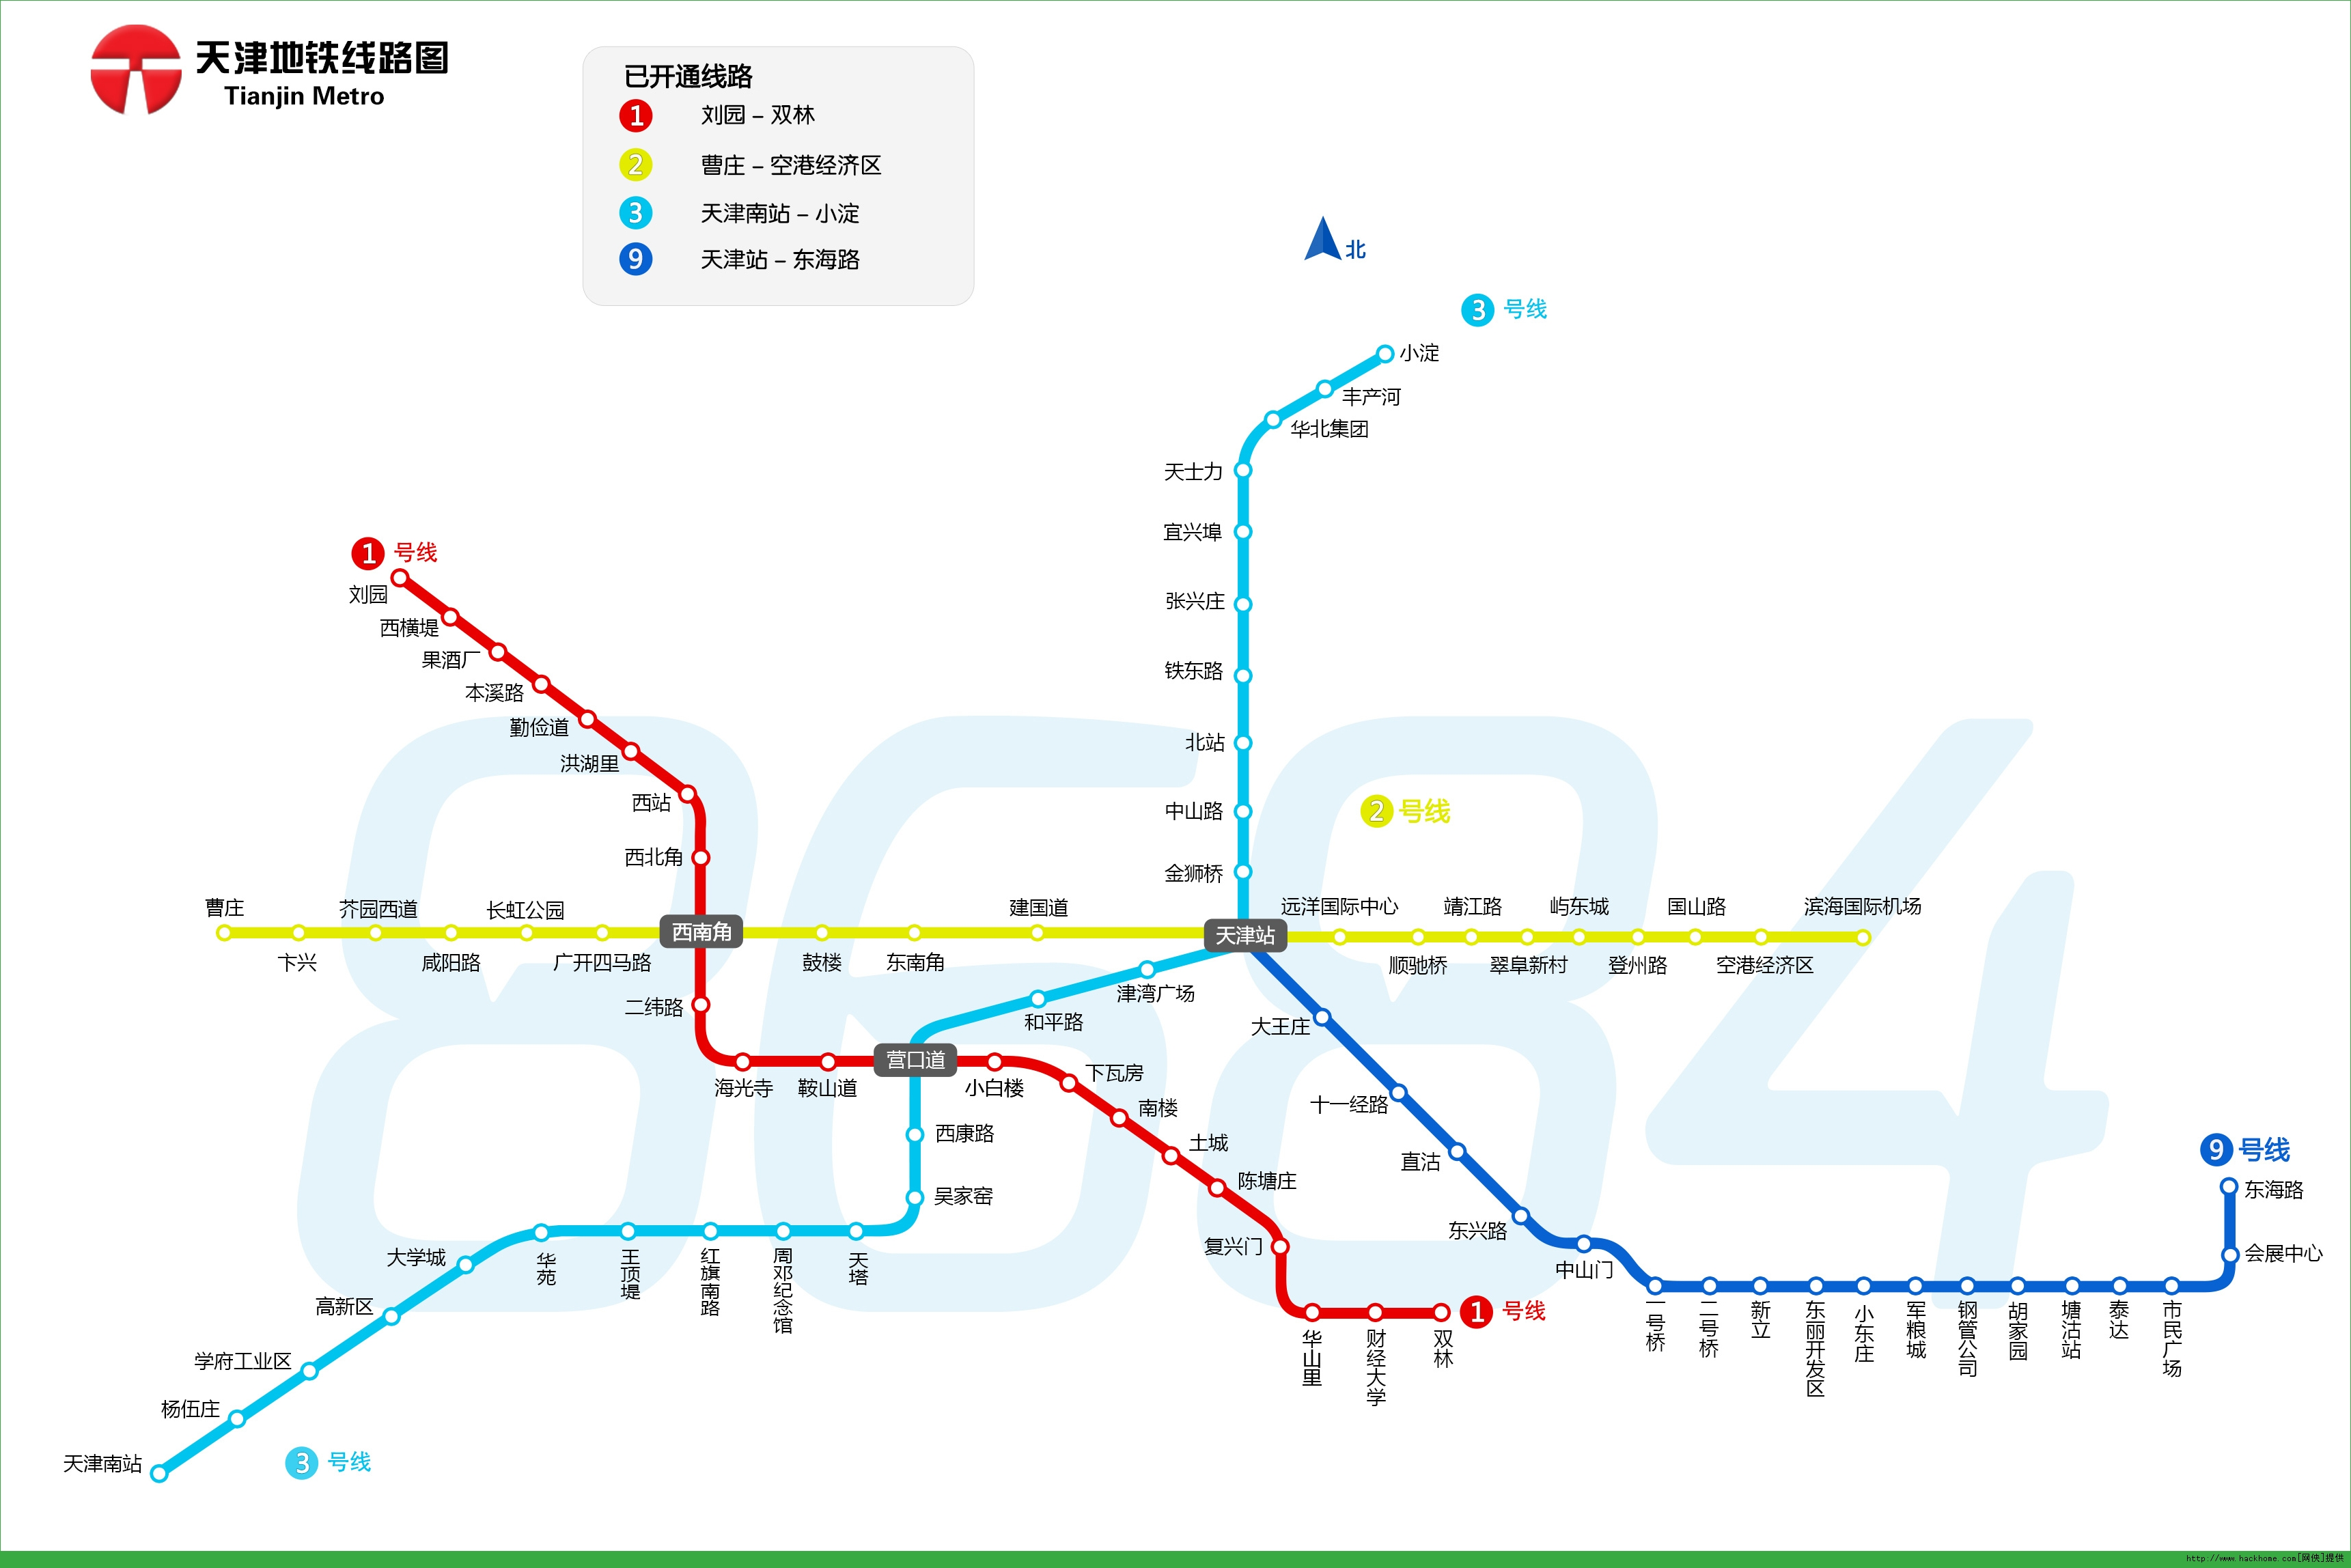 > 天津地铁线路图  天津地铁线路图:包含了已开通的天津轨道交通1号线